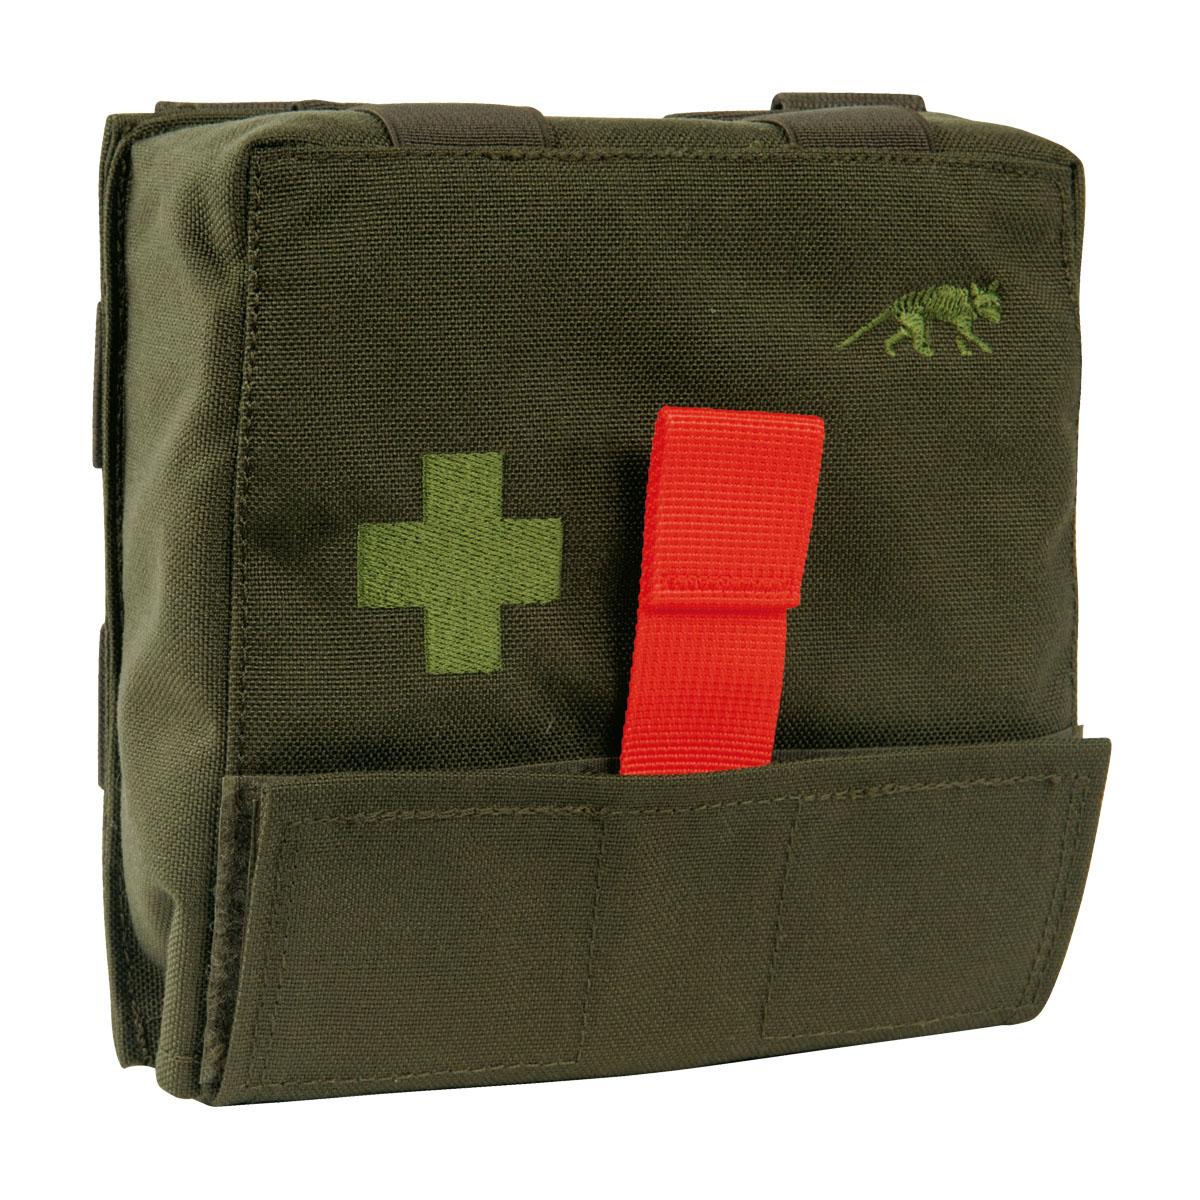 Подсумок-аптечка TT IFAK POUCH S olive, 7687.331 - артикул: 821640302